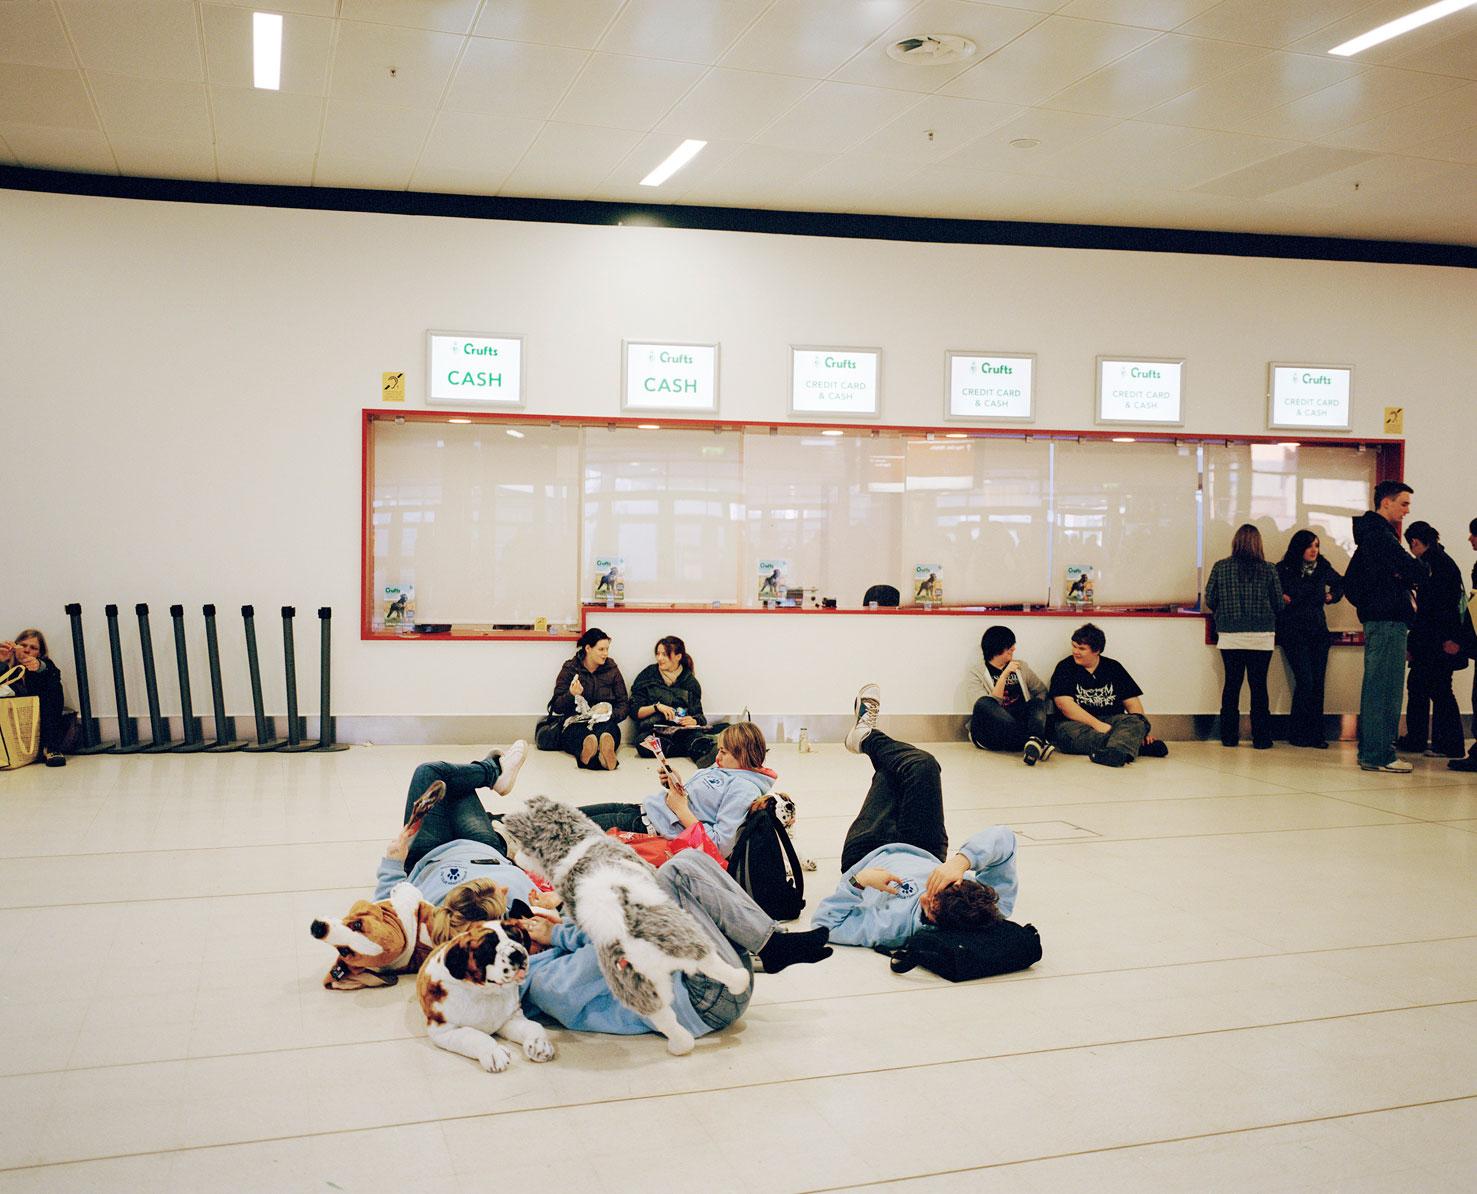 Kids Lying Around